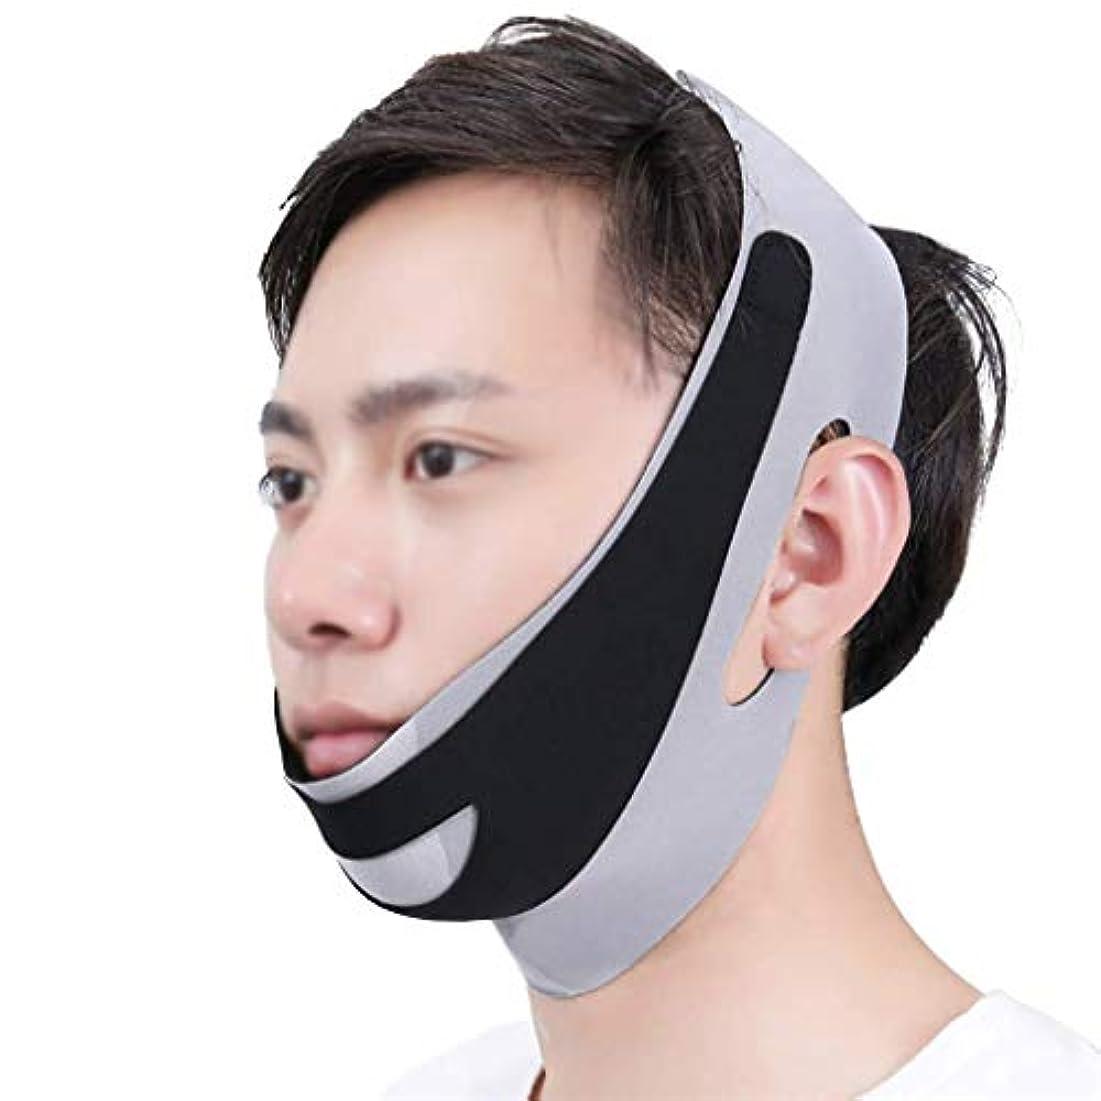 カタログホイップ常習者顔と首のリフト術後弾性顔マスク小V顔アーティファクト薄い顔包帯アーティファクトV顔吊り耳リフティング引き締め男性の顔アーティファクト